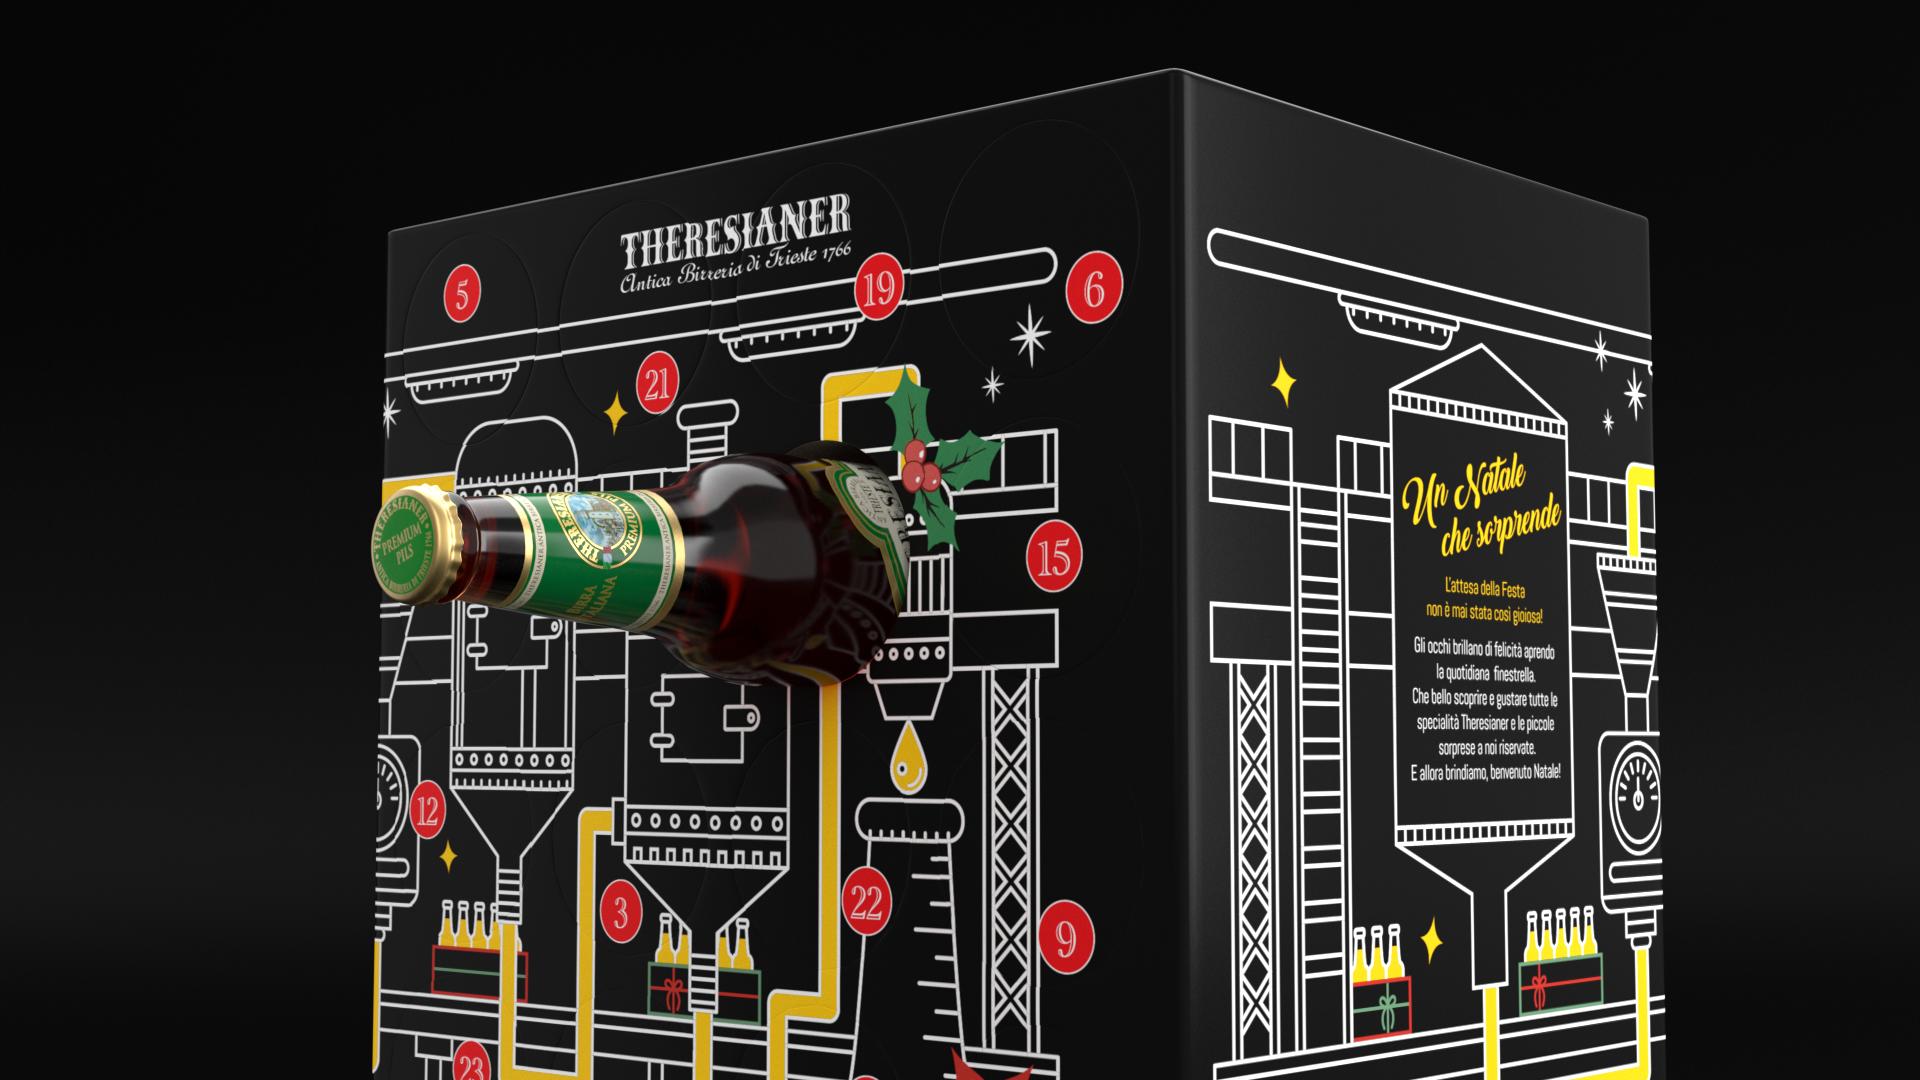 Calendario Avvento Birra.Il Calendario Dell Avvento Birre Theresianer In Offerta A 36